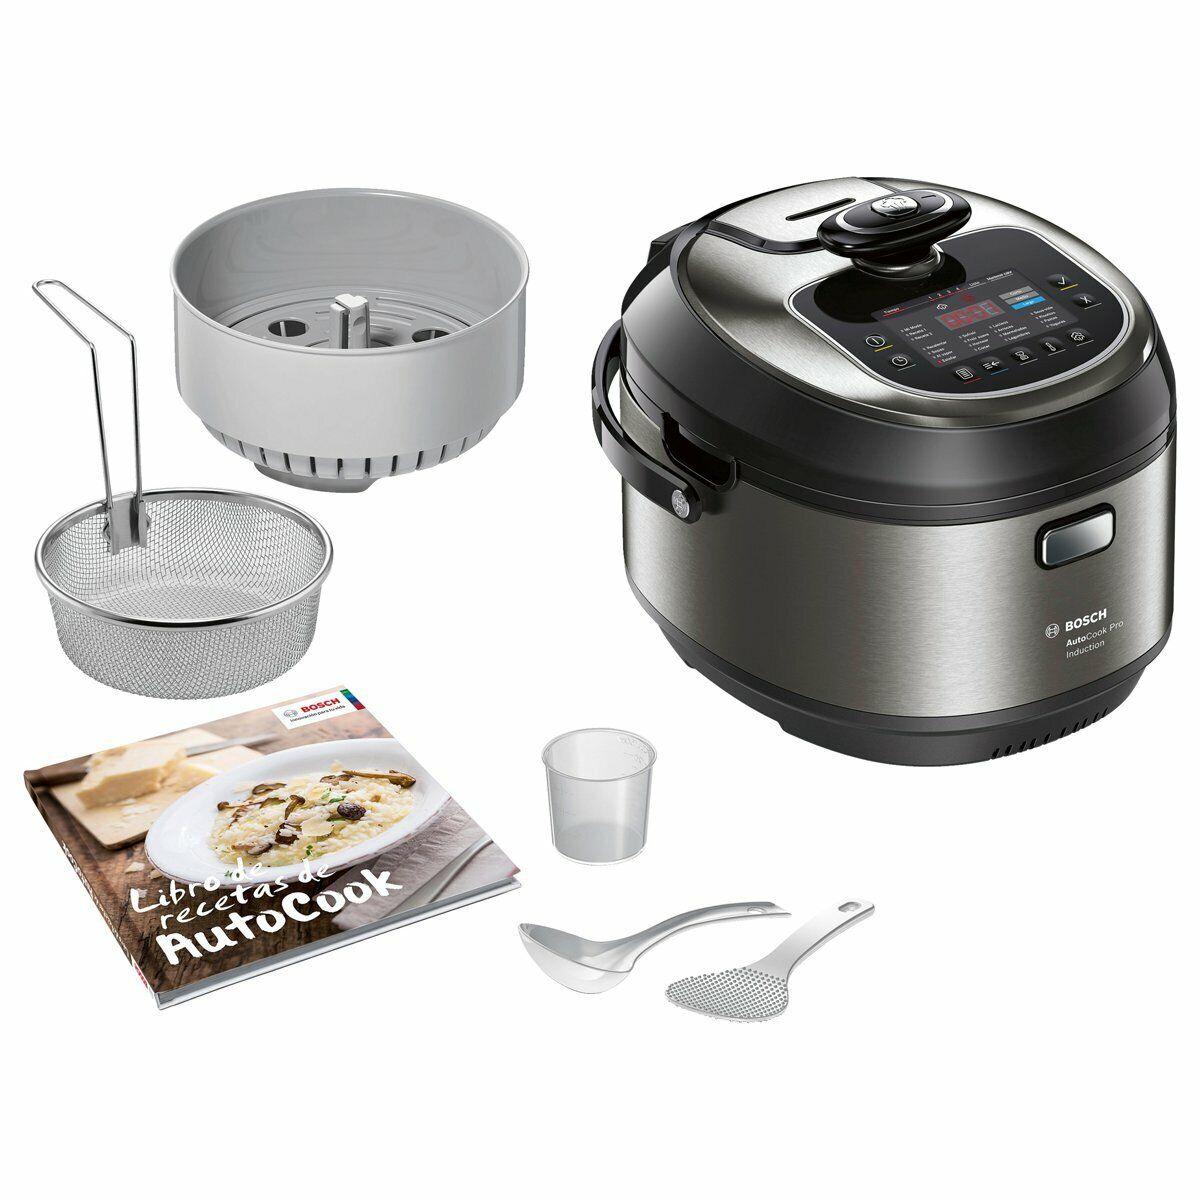 Bosch MUC88B68ES AutoCook - Robot de cocina multifunción, 1200 W, 5L, Induccion